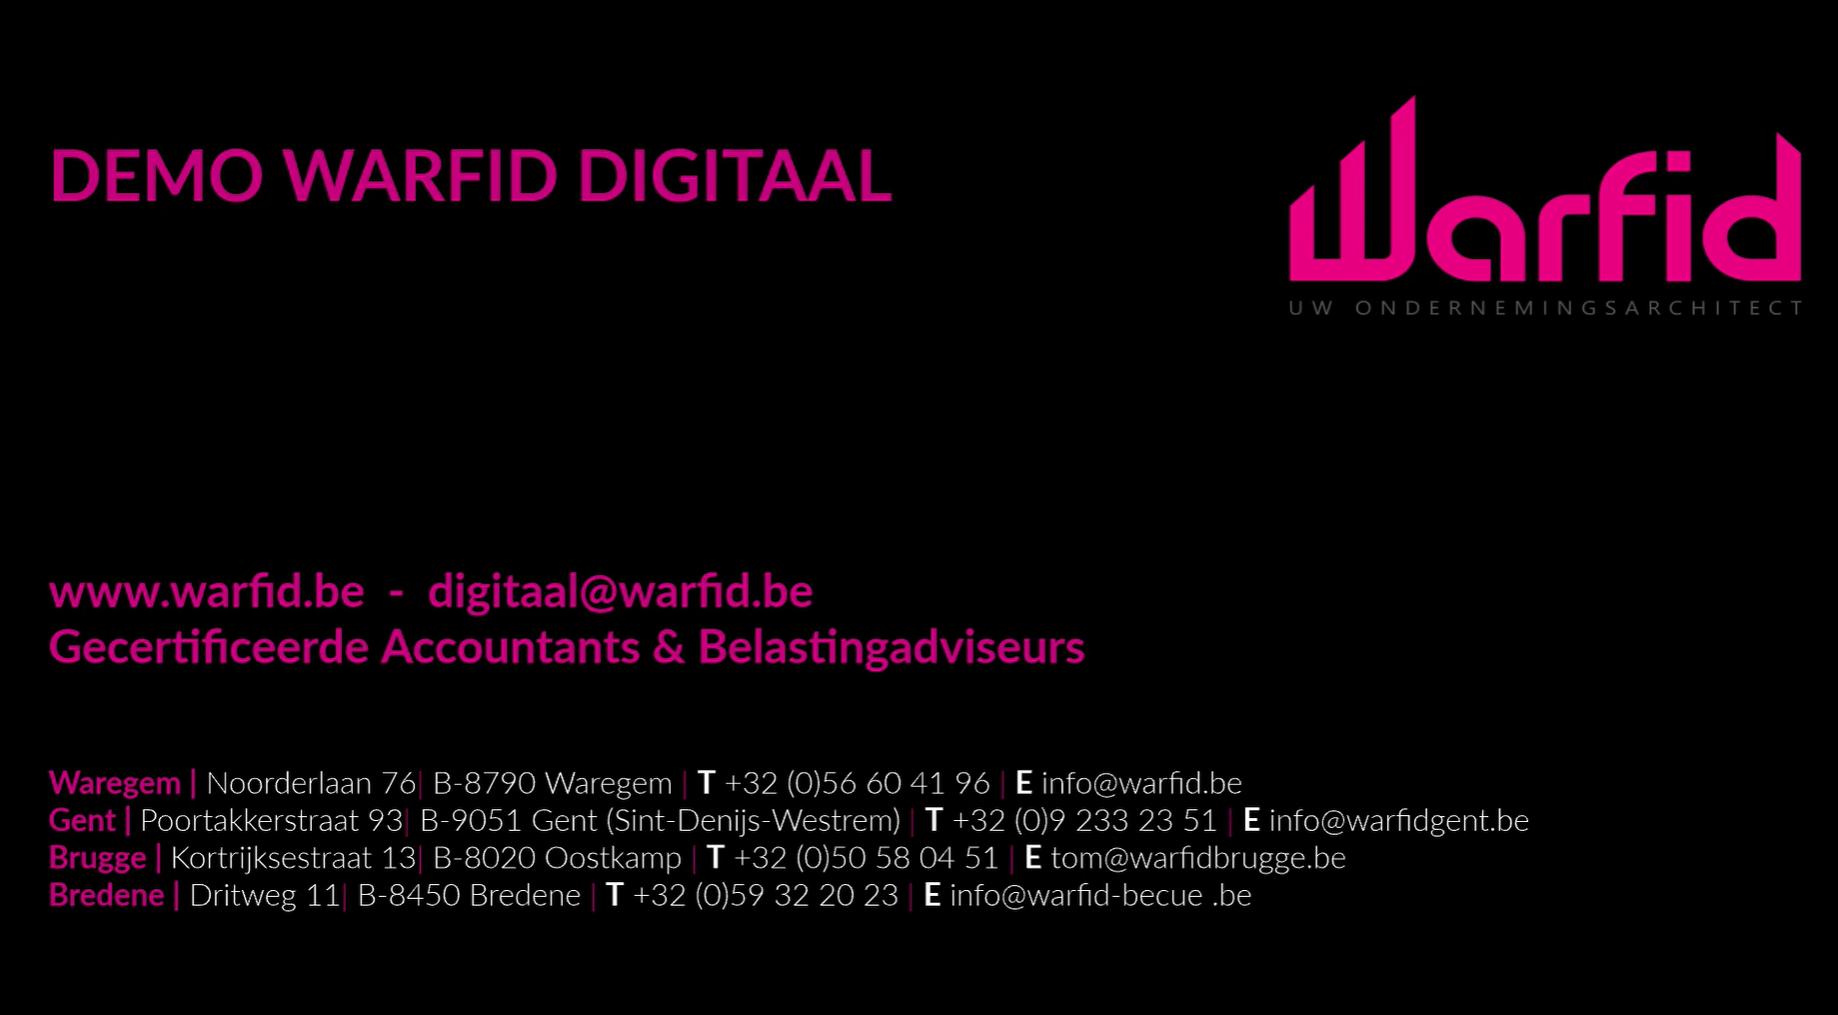 Warfid Digitaal Demo